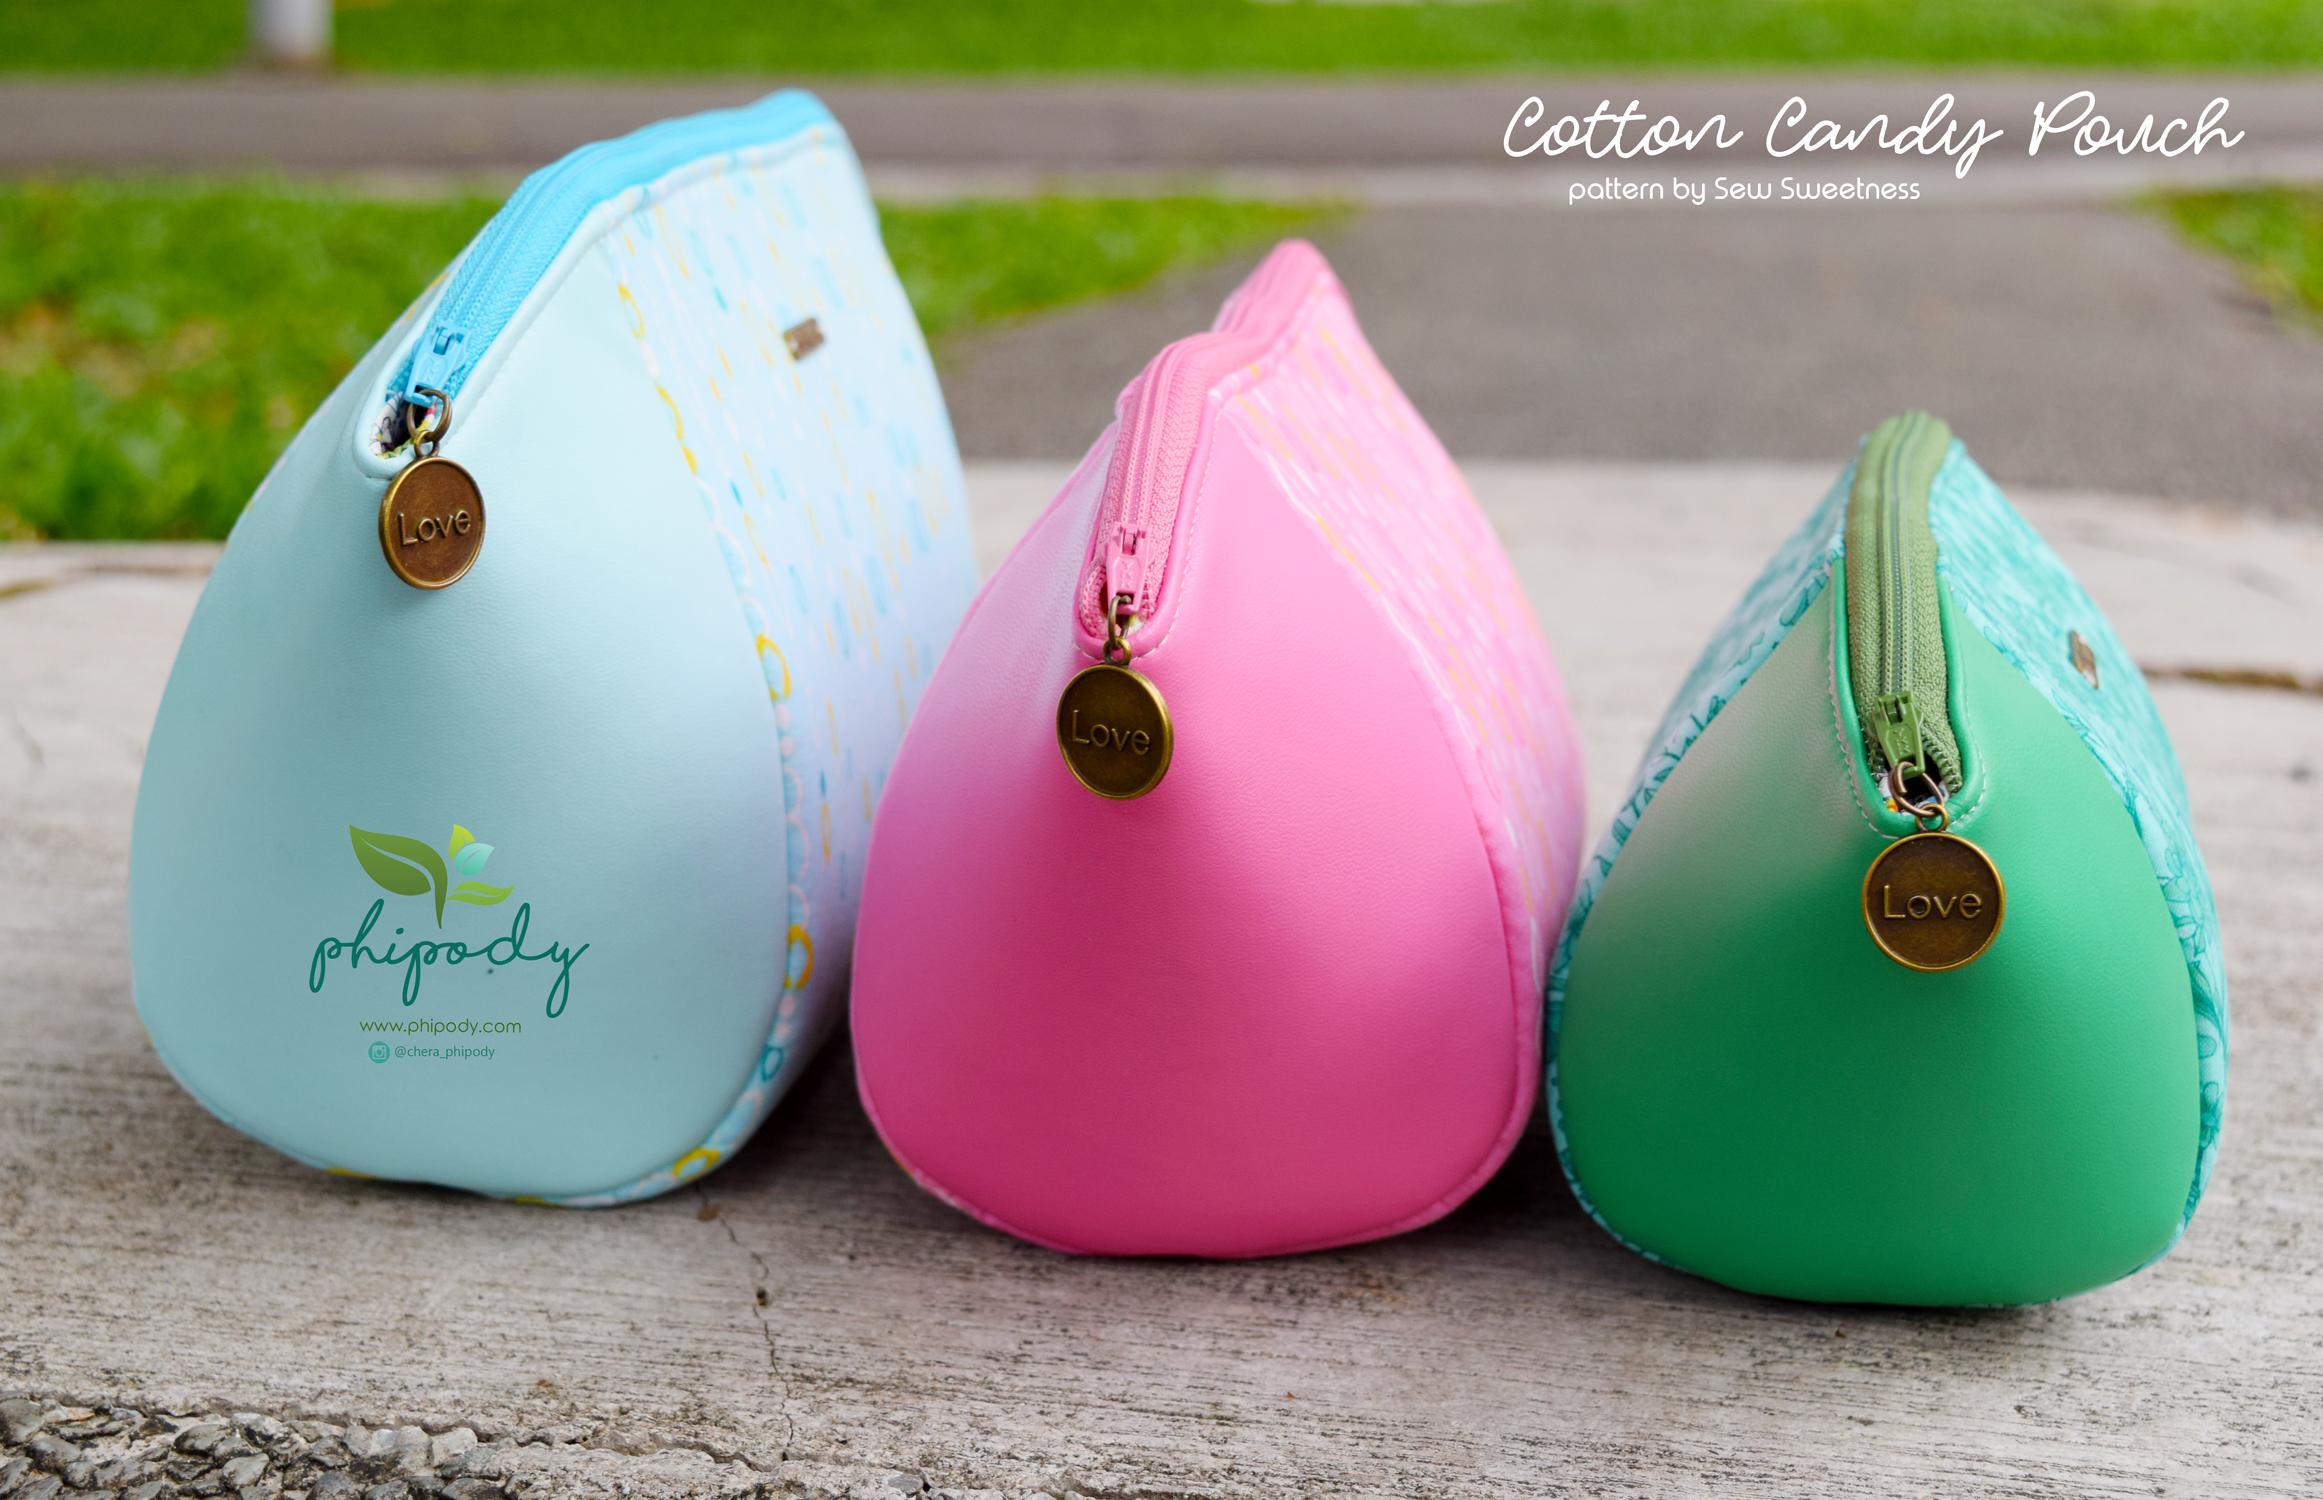 Sew Sweetness Minikins Cotton Candy Pouches sewing pattern, sewn by Chera